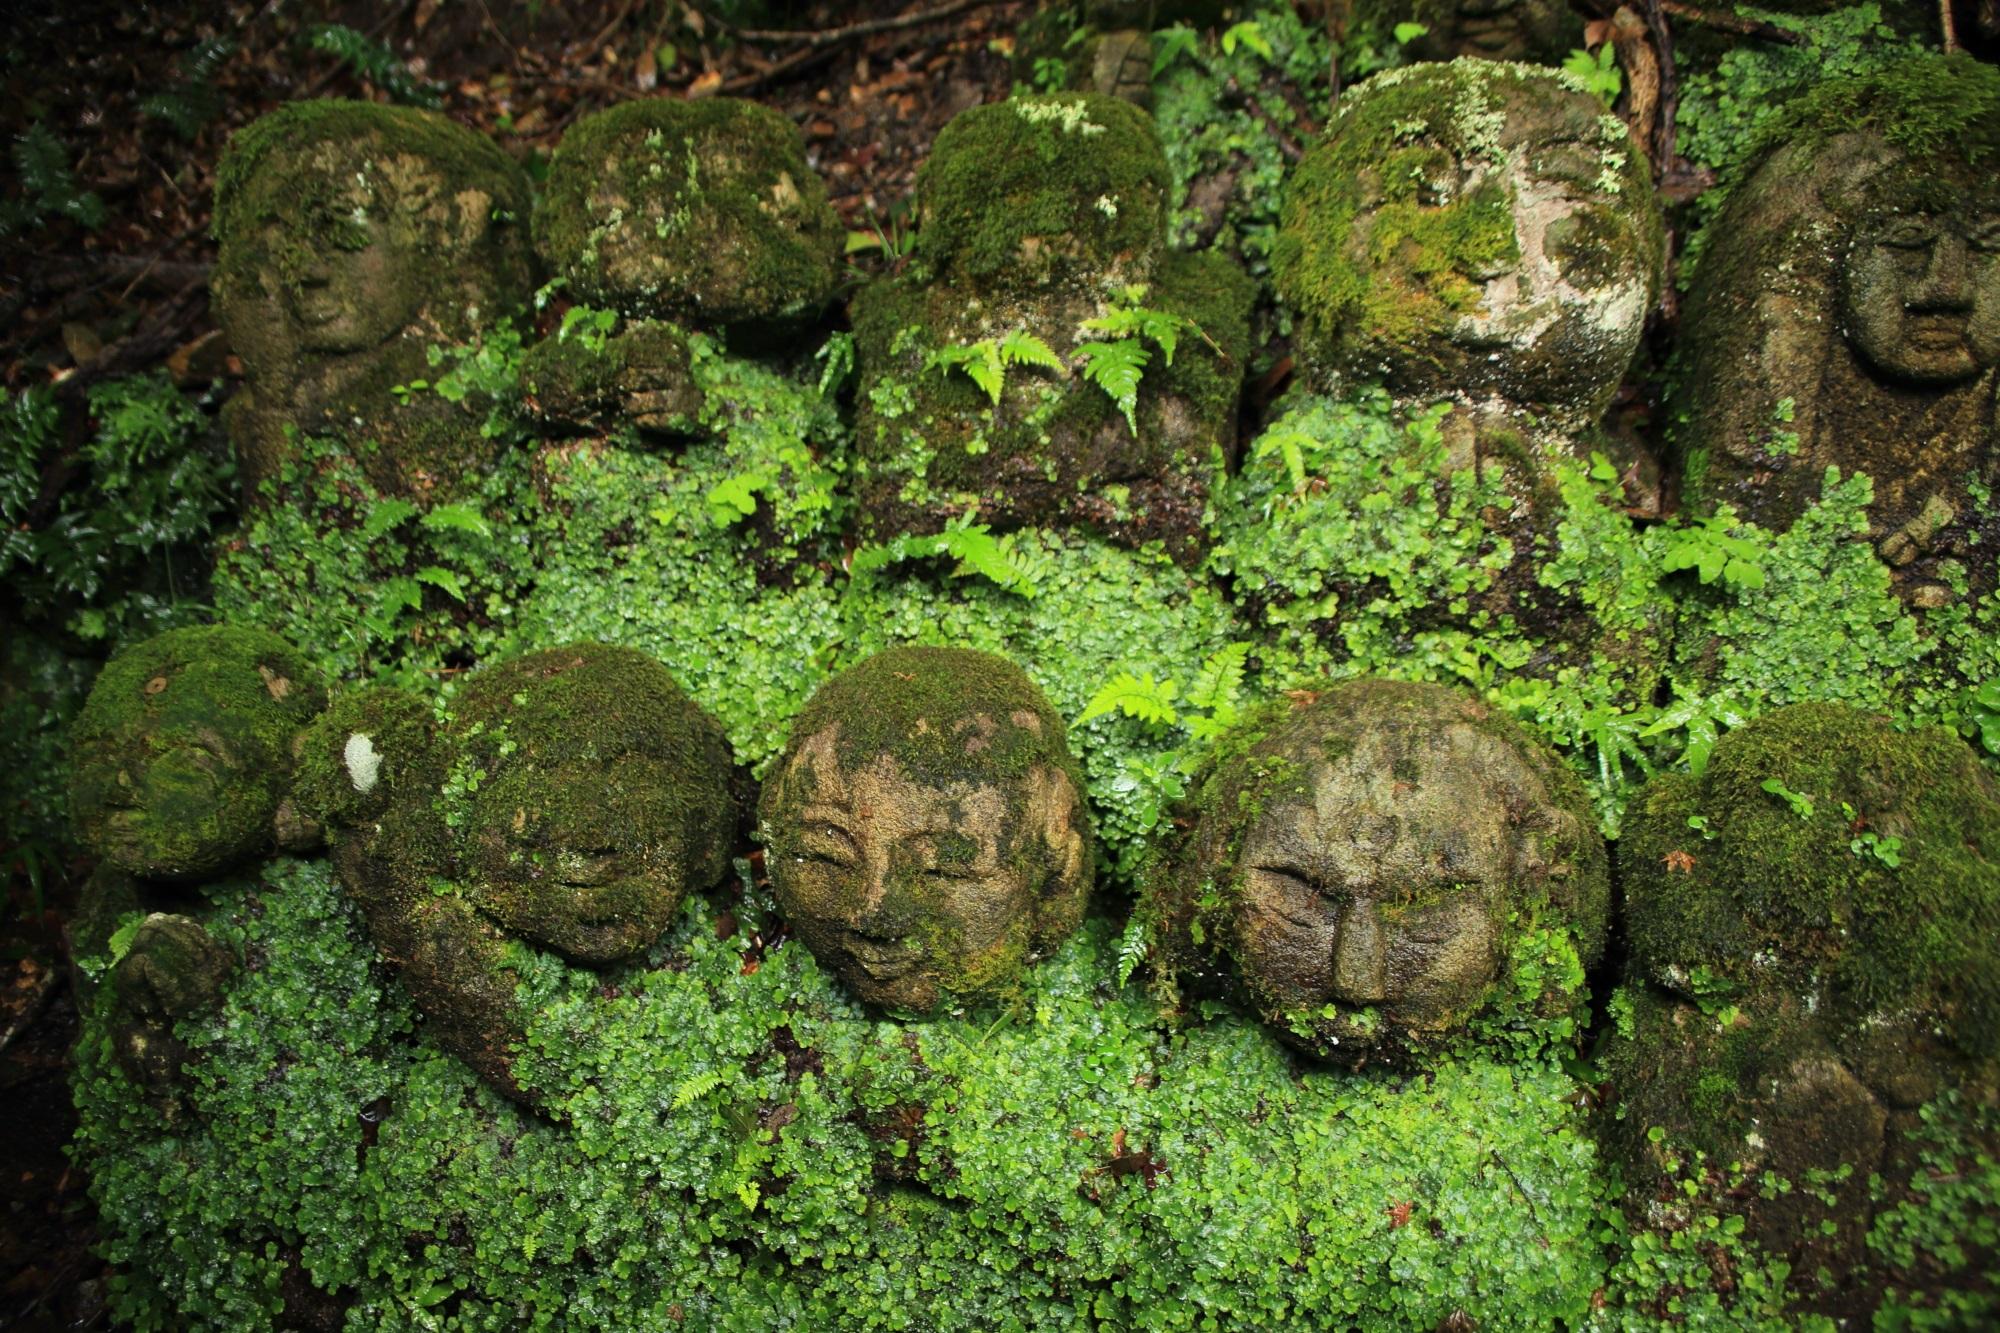 愛宕念仏寺の千二百羅漢